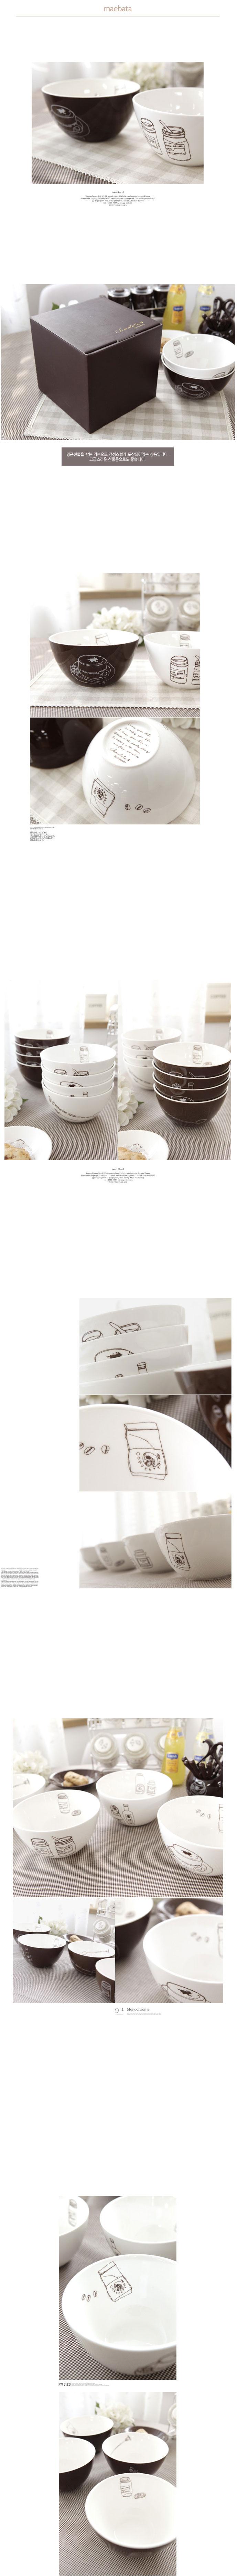 초콜릿블록면기 4p세트(2color) - 안나하우스, 65,000원, 파스타/면기/스프, 면기